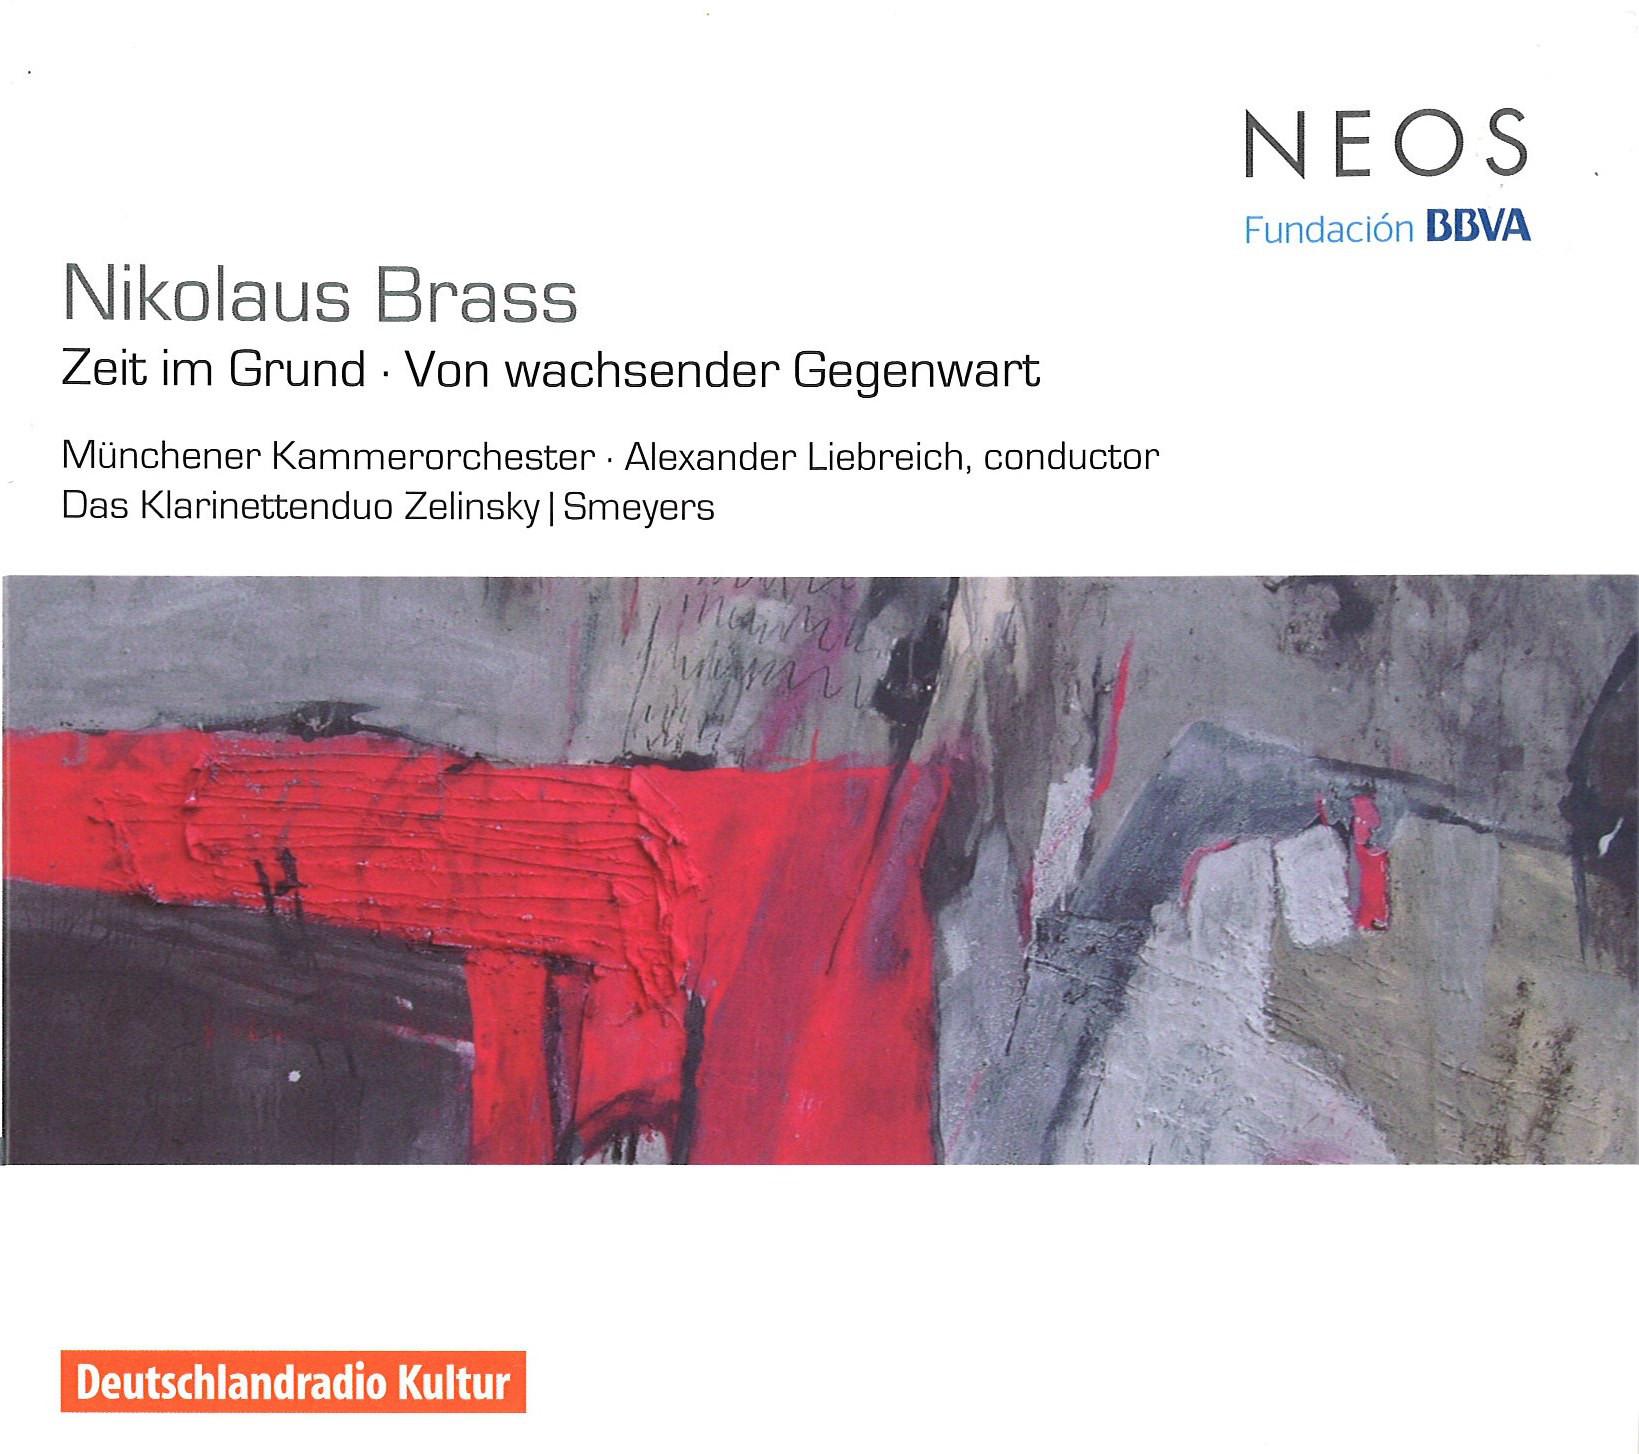 NIKOLAUS BRASS, ZEIT IM GRUND / VON WACHSENDER GEGENWART